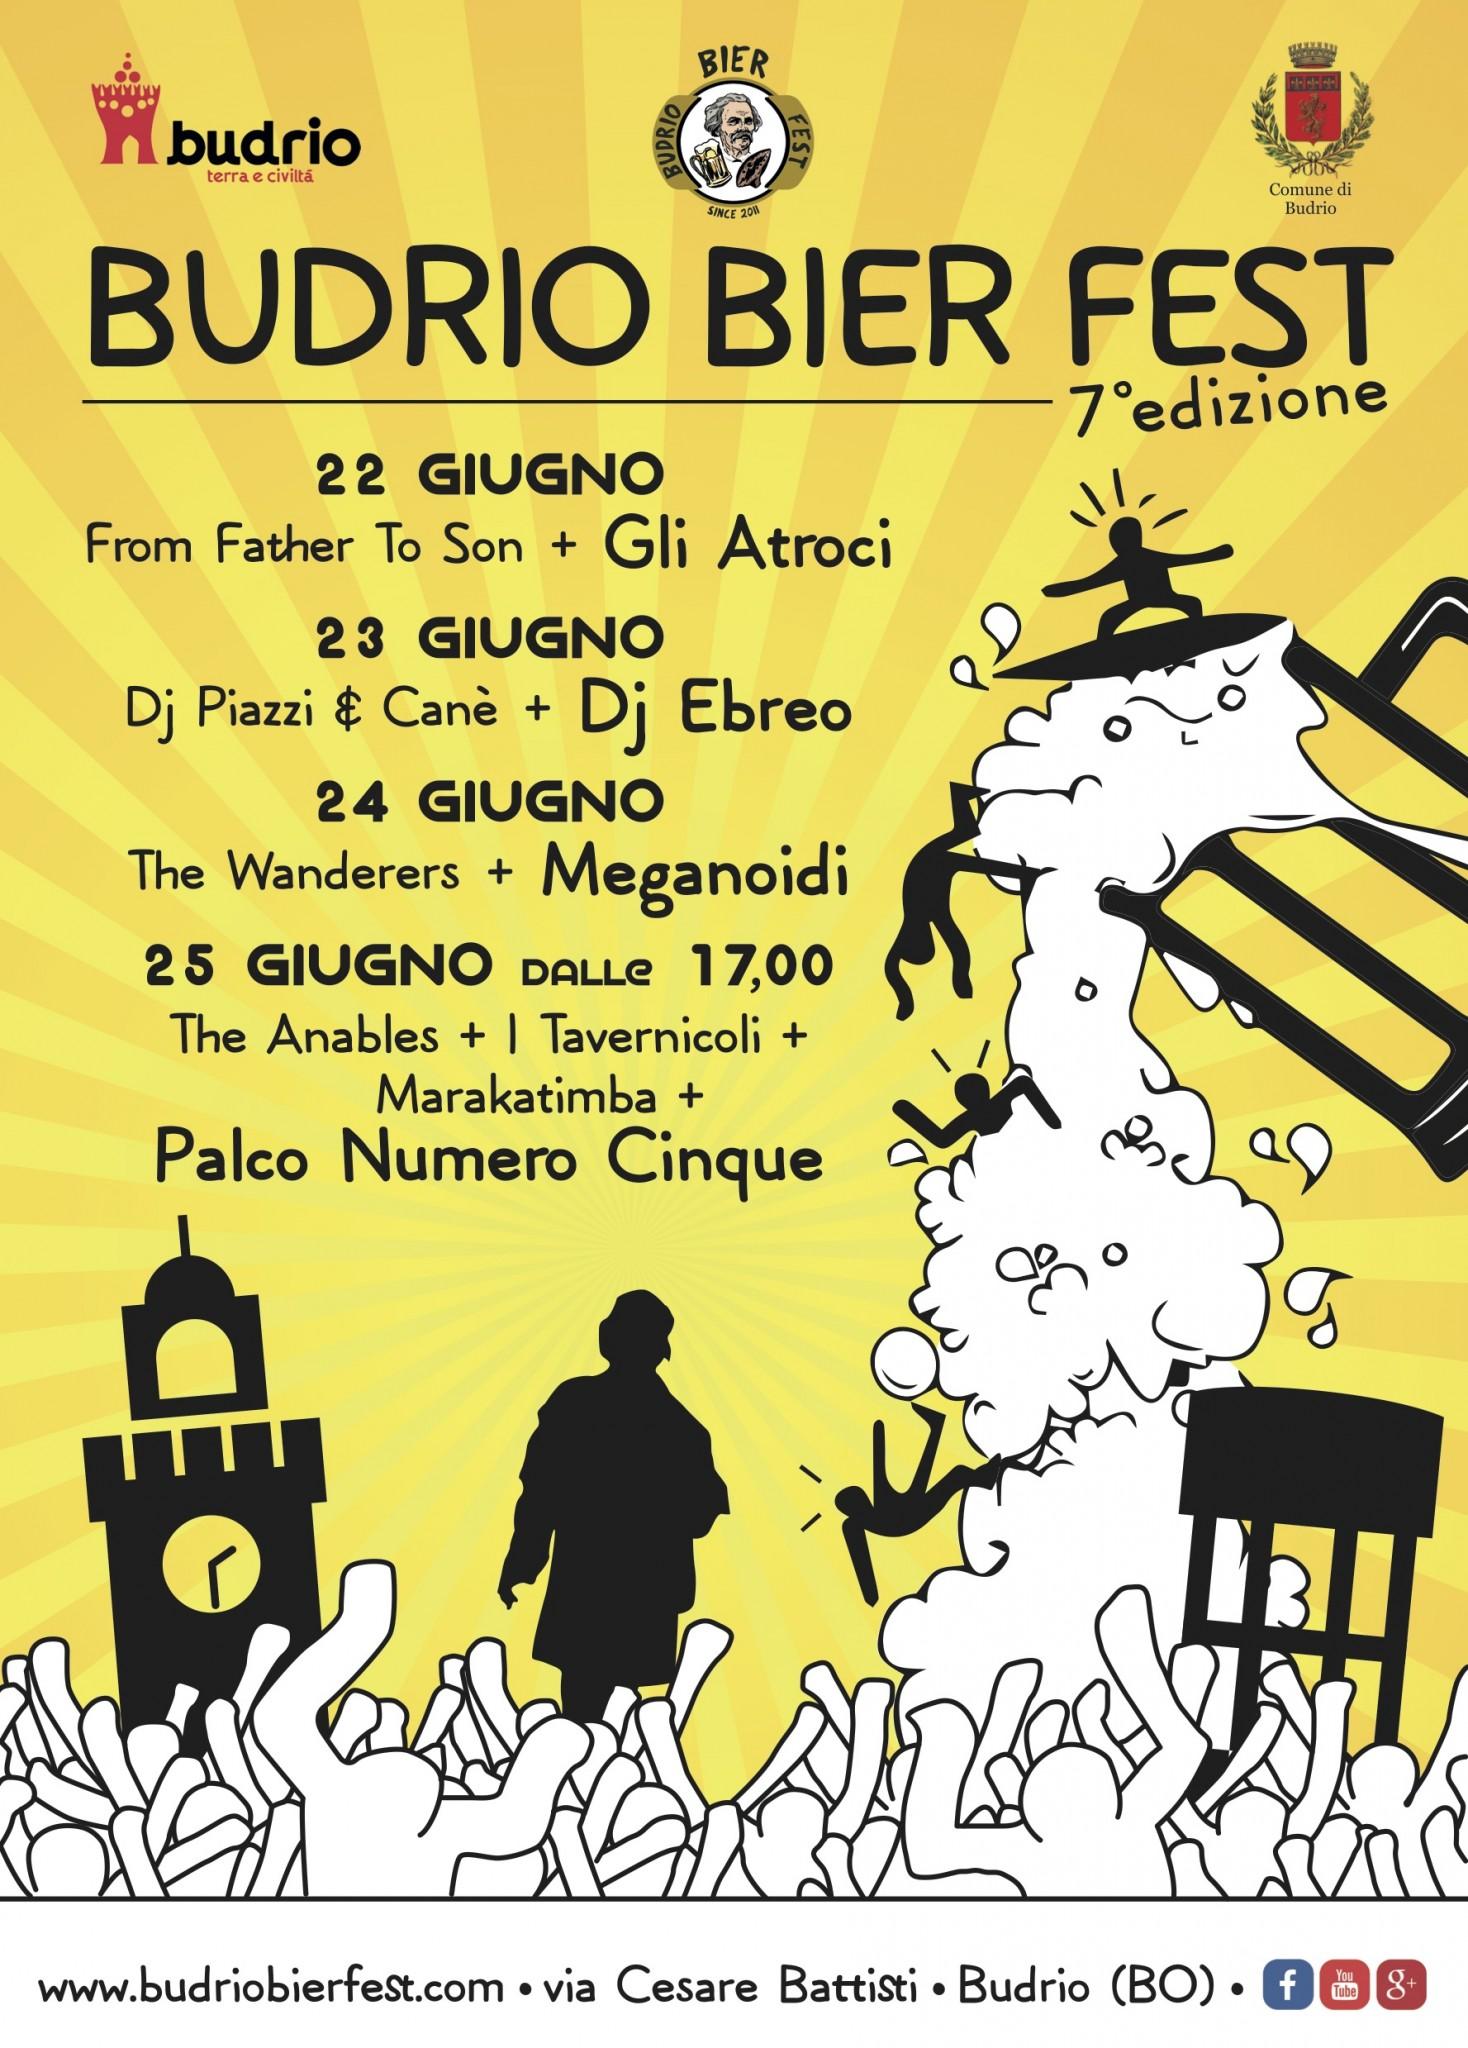 Budrio Bier Fest 2017